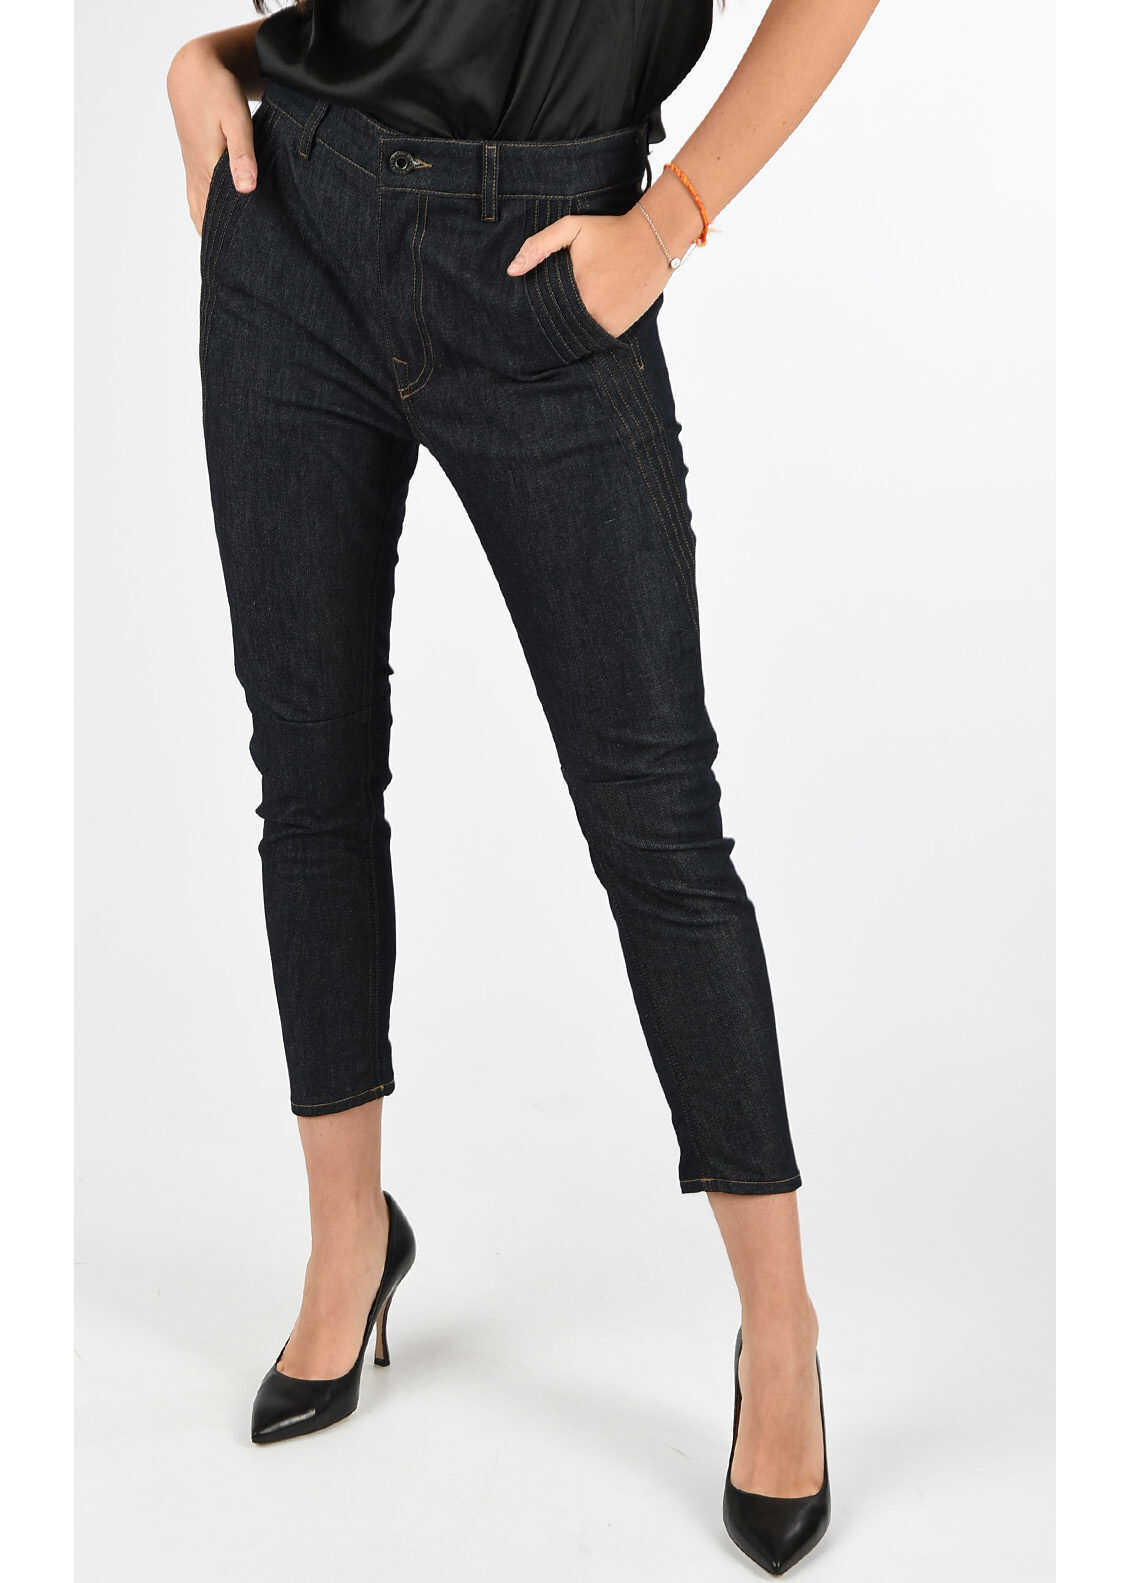 BLACK GOLD Capri TYPE-147PLEATED Jeans thumbnail